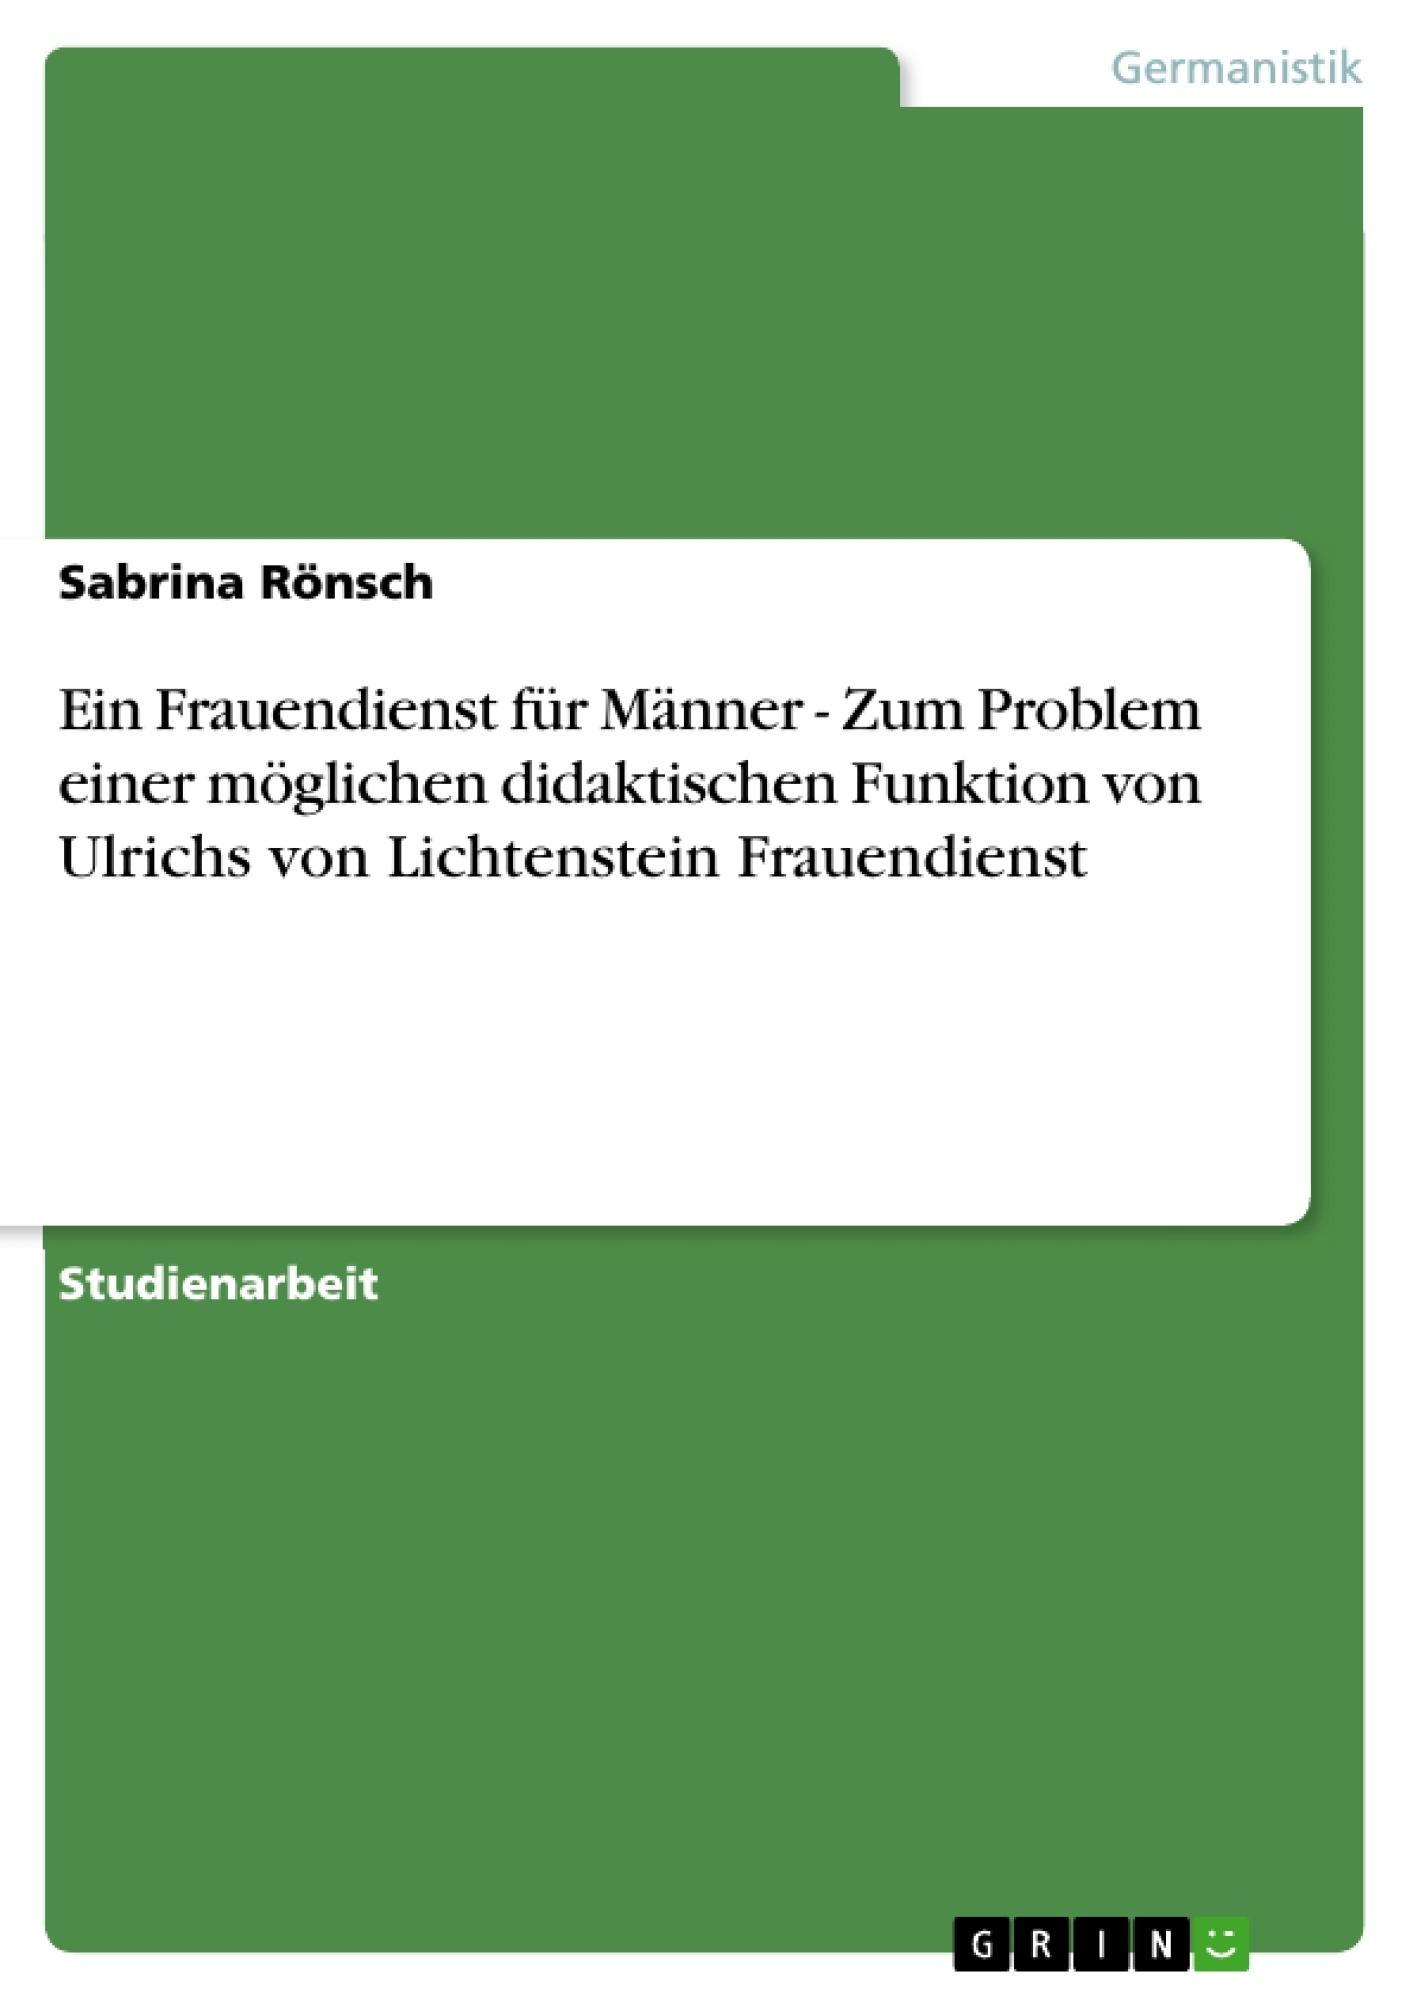 Titel: Ein Frauendienst für Männer - Zum Problem einer möglichen didaktischen Funktion von Ulrichs von Lichtenstein Frauendienst